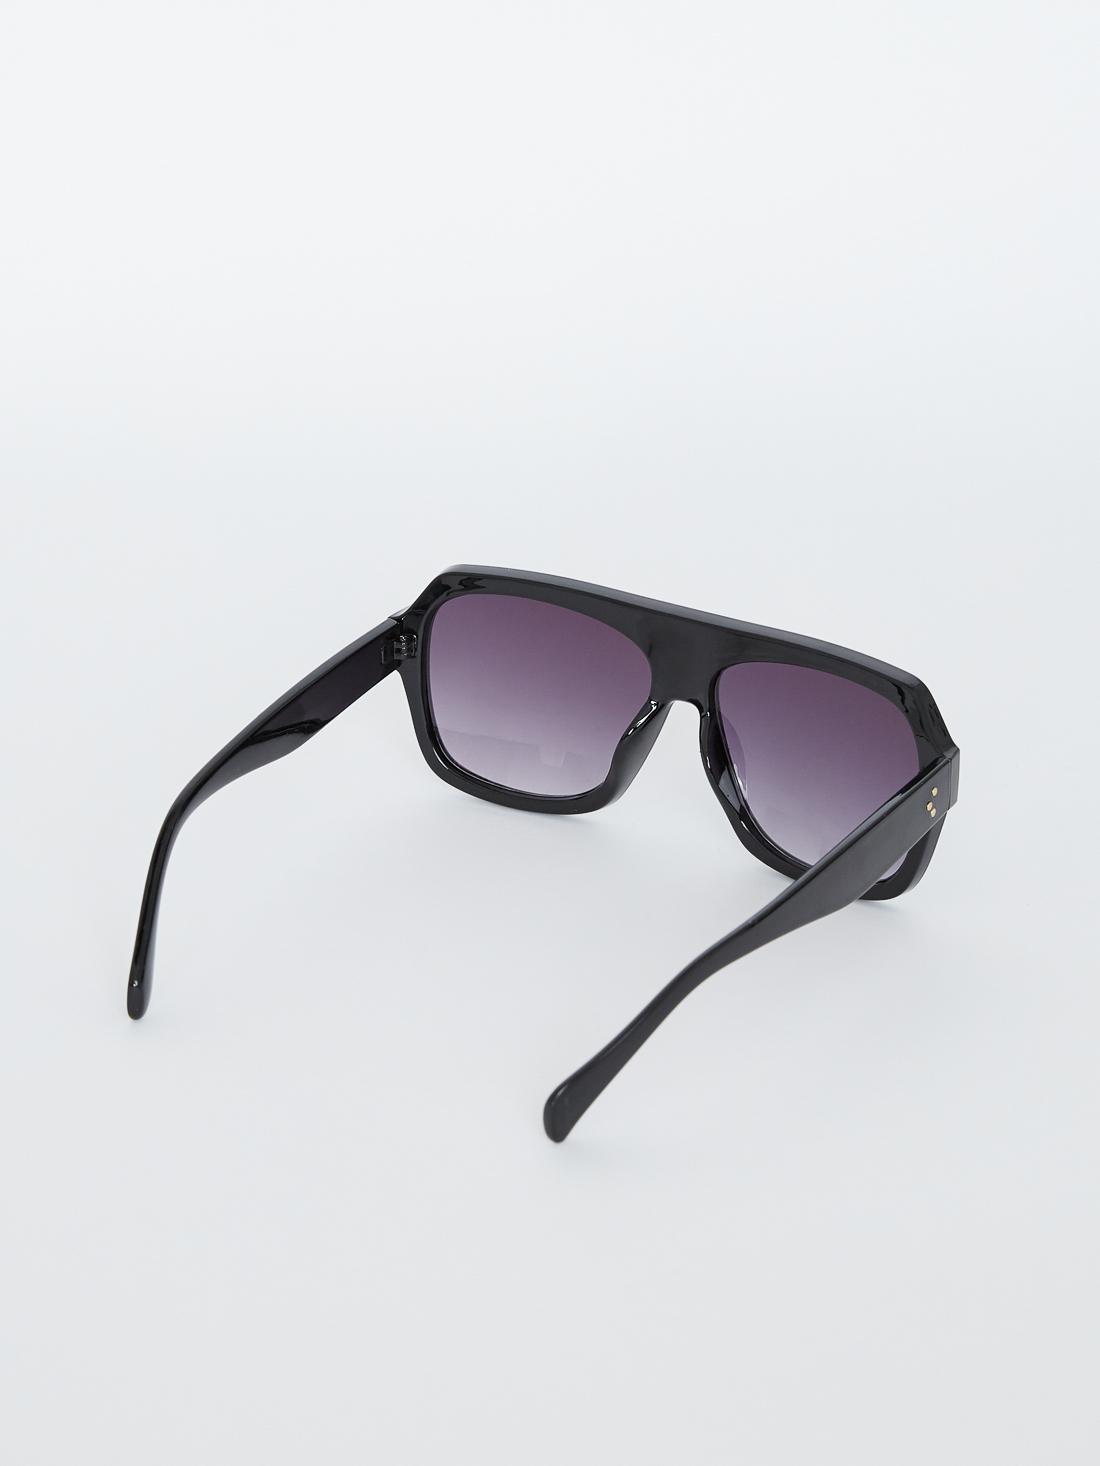 Солнцезащитные очки в пластмассовой оправе